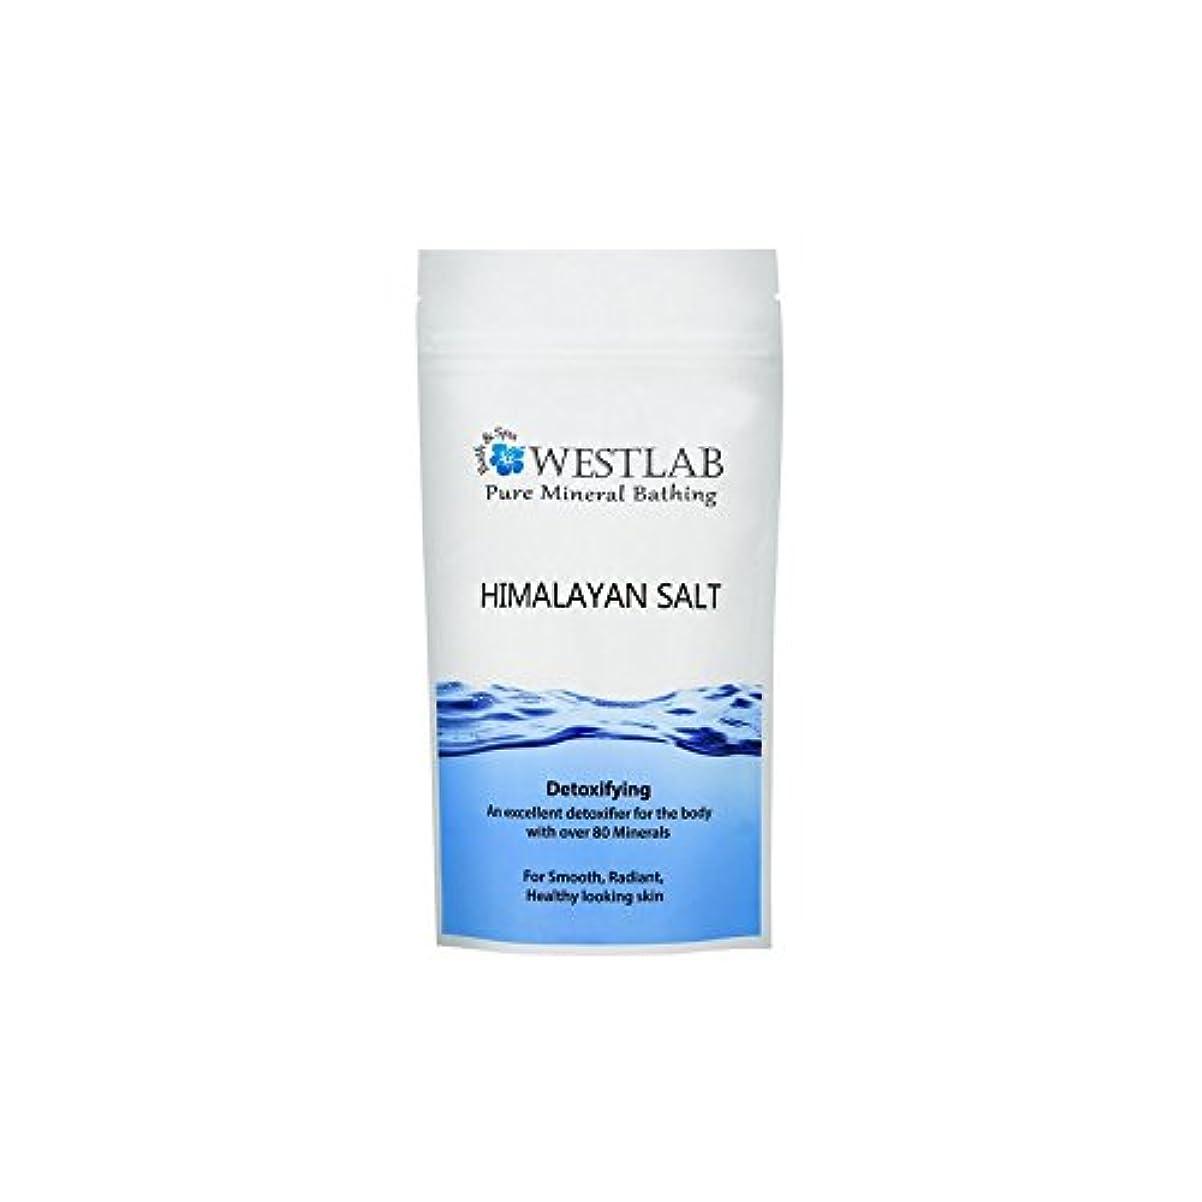 幸運なことにセールスマンと闘うヒマラヤの塩500グラム x2 - Westlab Himalayan Salt 500g (Pack of 2) [並行輸入品]